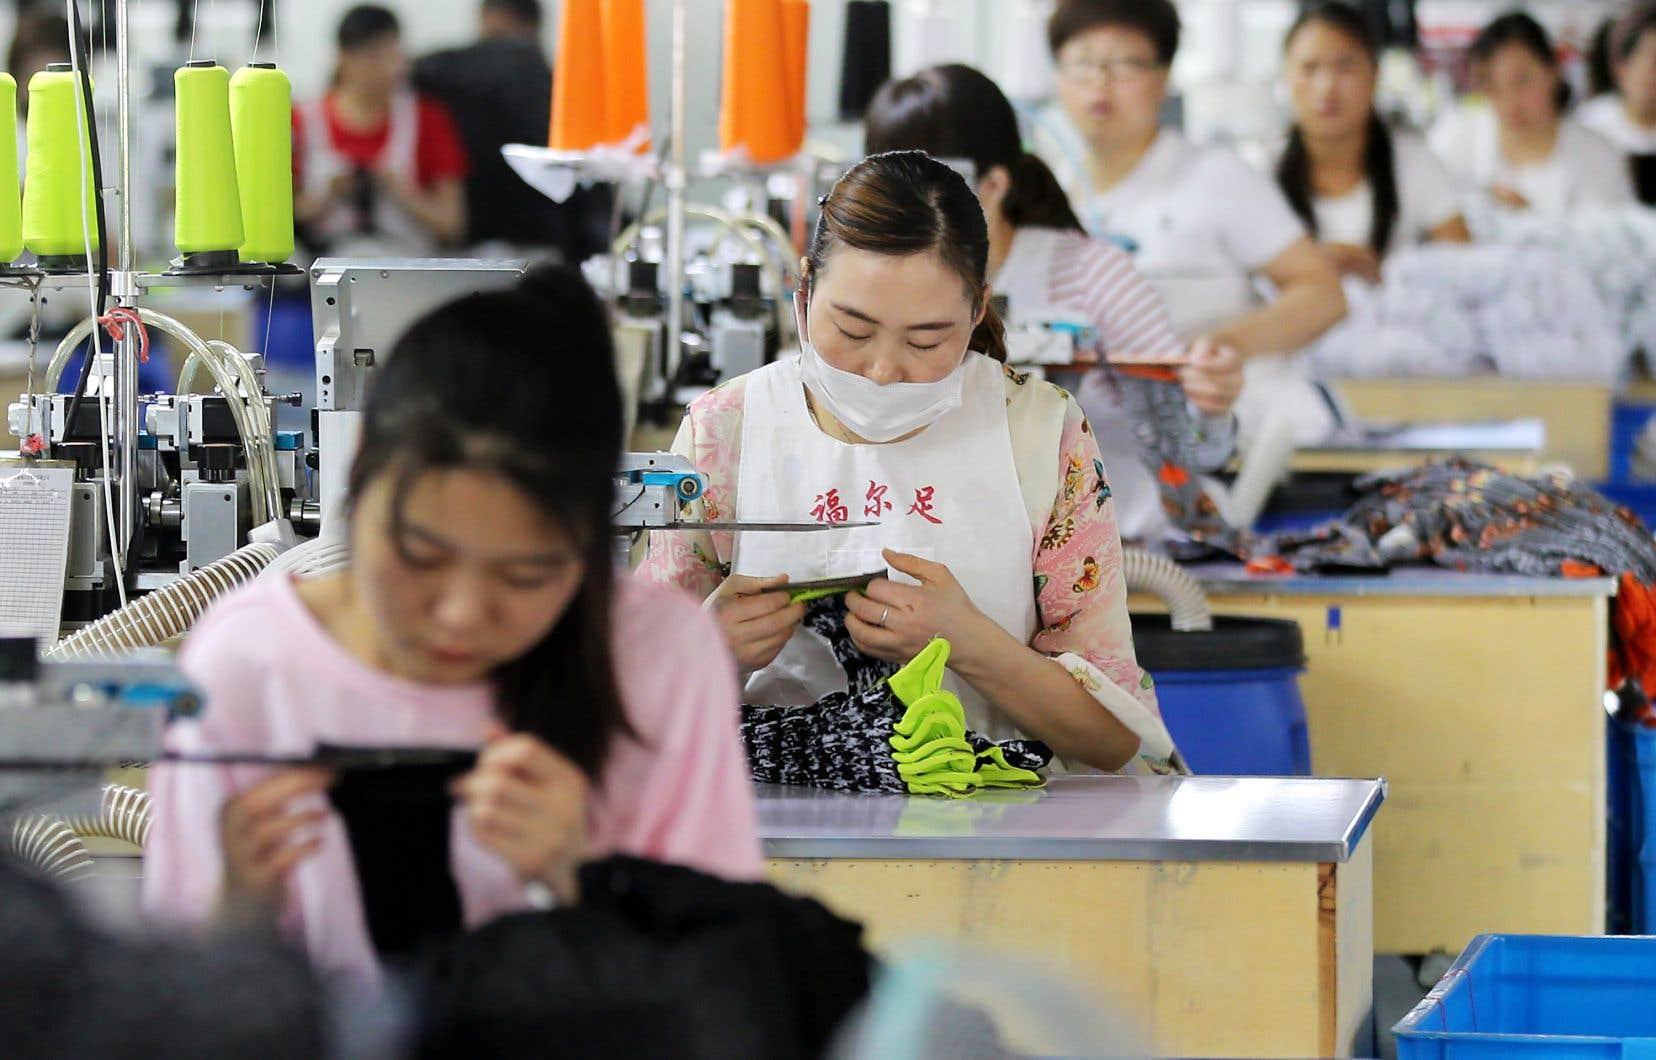 Des travailleuses fabriquent des chaussettes dans une usine de Huaibei, dans la province de l'Anhui.